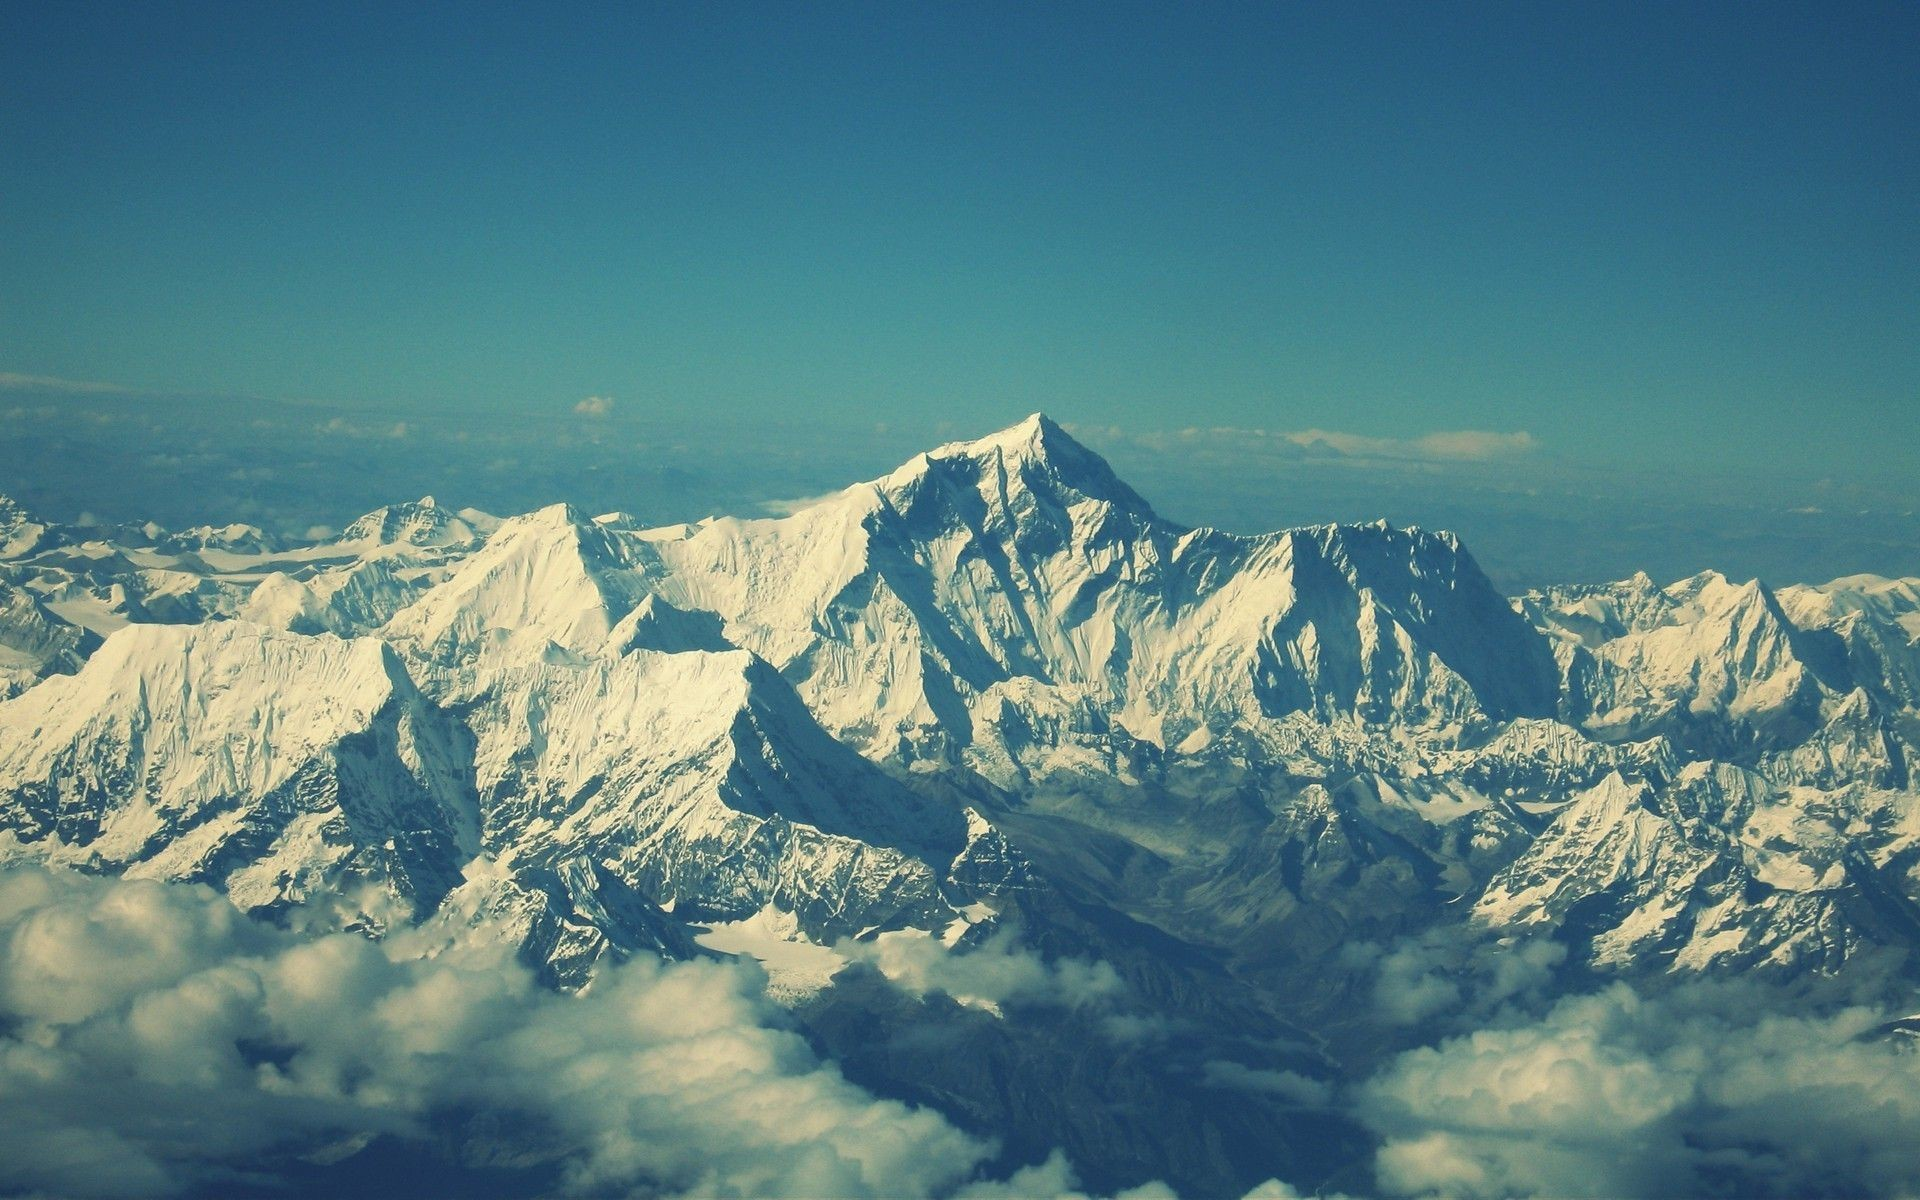 Mount Everest HD Wallpaper, Mount Everest Photos